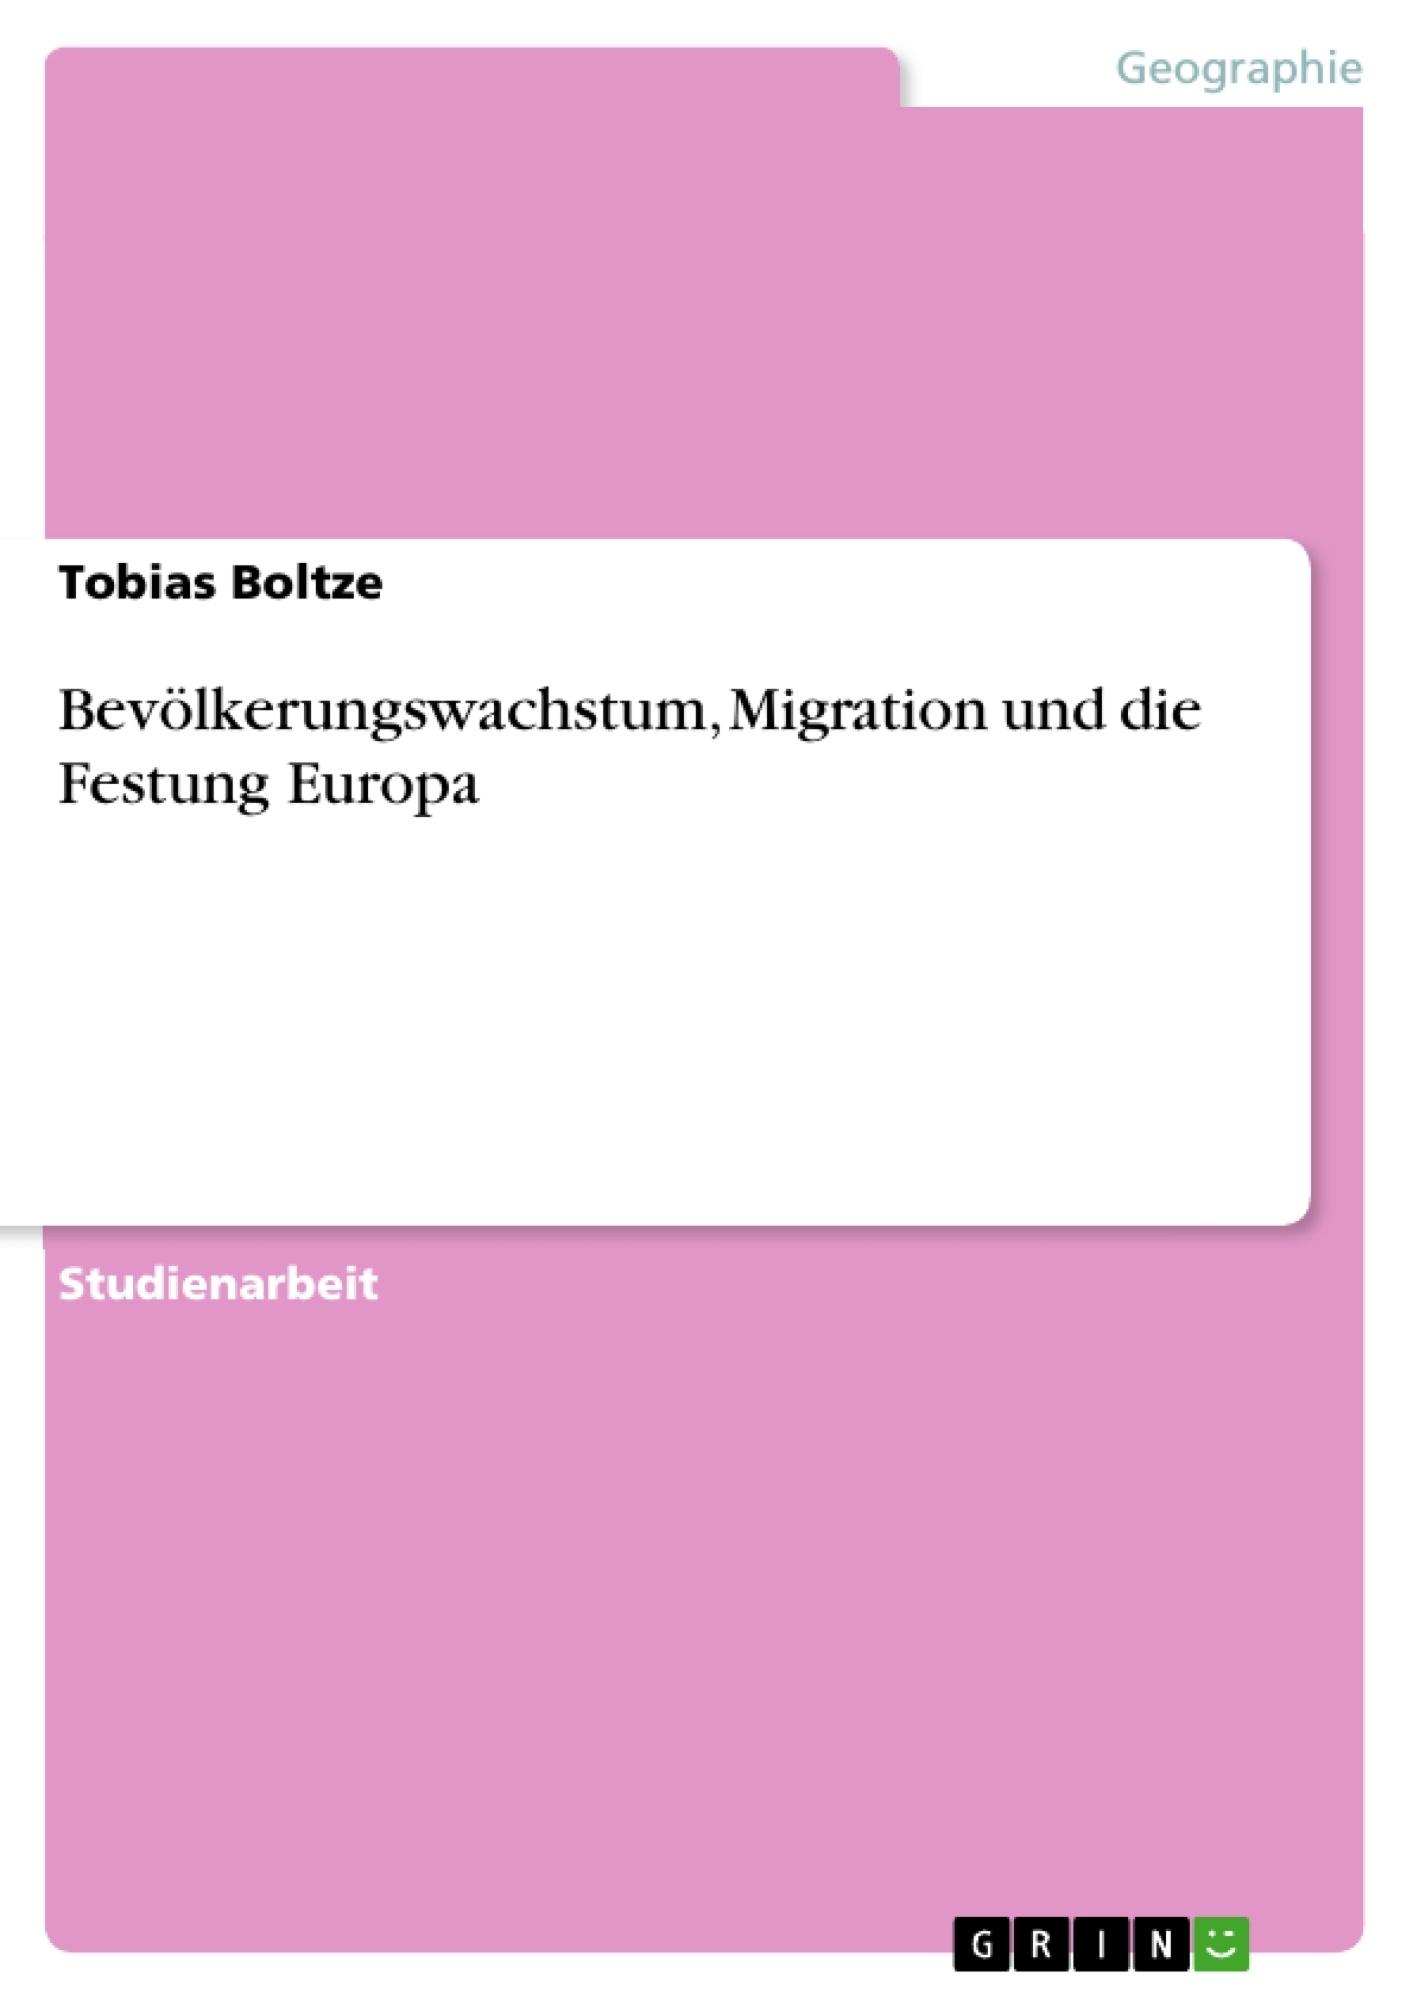 Titel: Bevölkerungswachstum, Migration und die Festung Europa